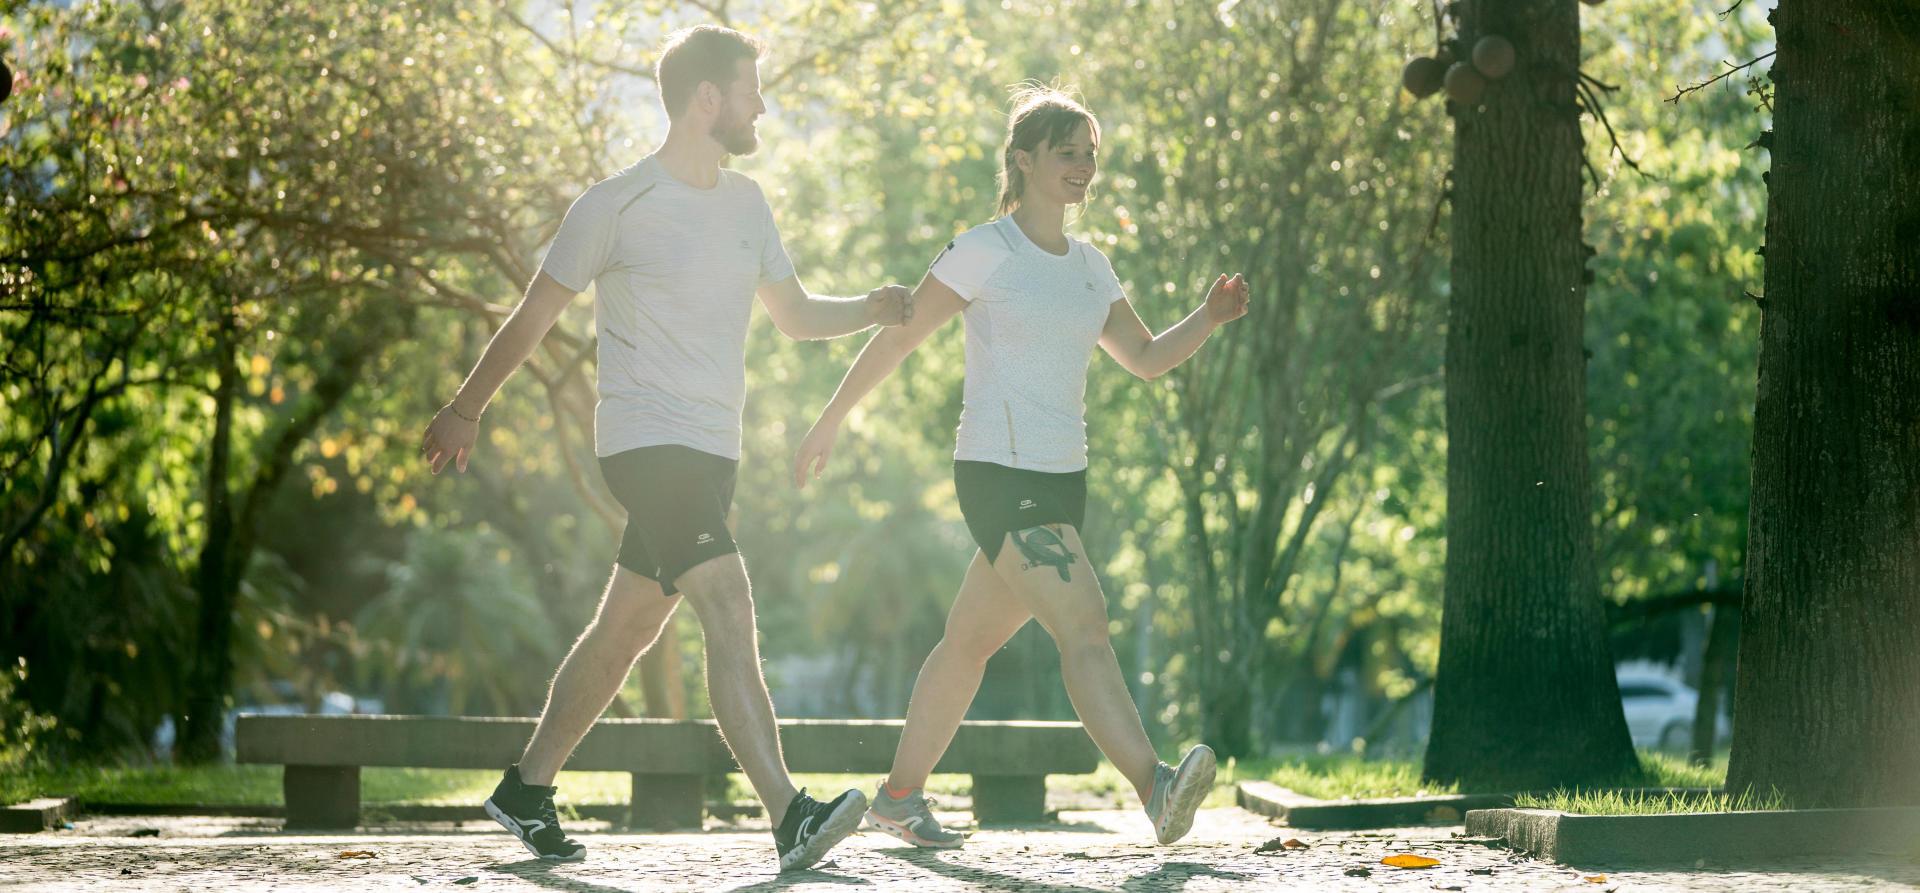 marche-sportive-mieux-qu-un-regime